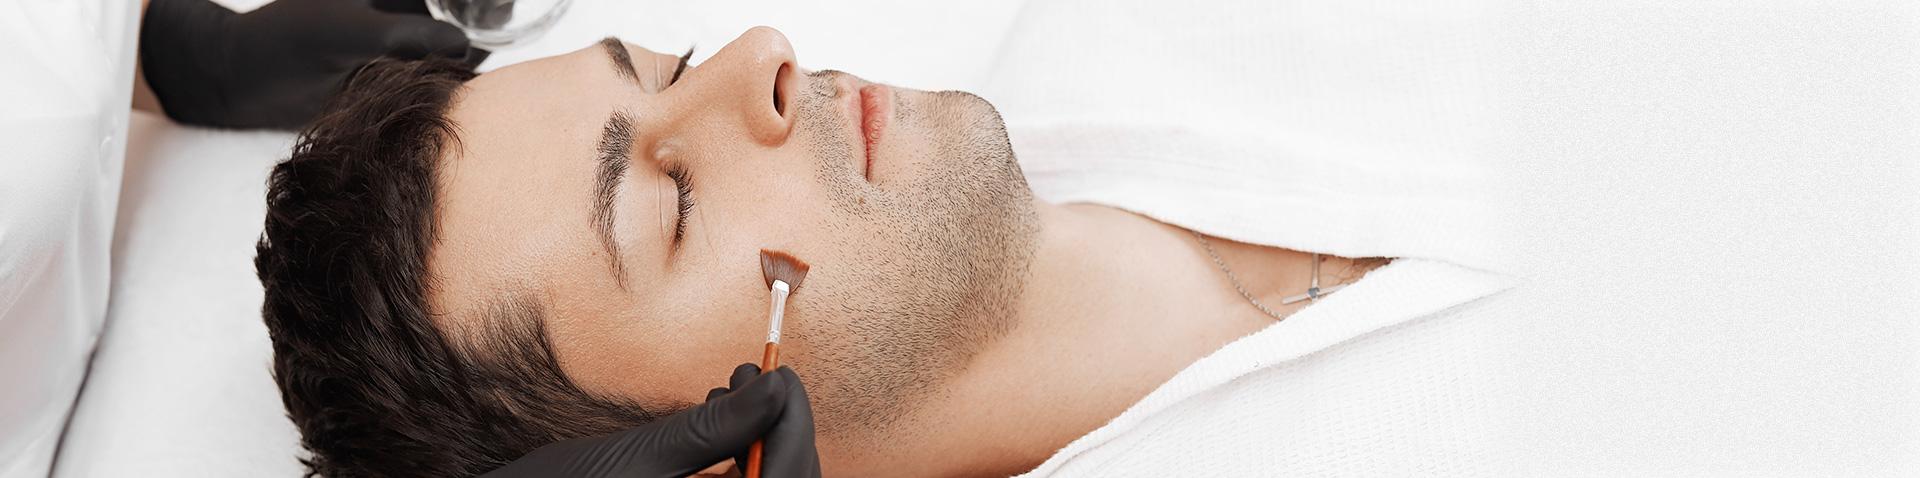 Entspanntes Männergesicht in der Kosmetikbehandlung. Mit einem Pinsel wird ein Produkt aufgetragen